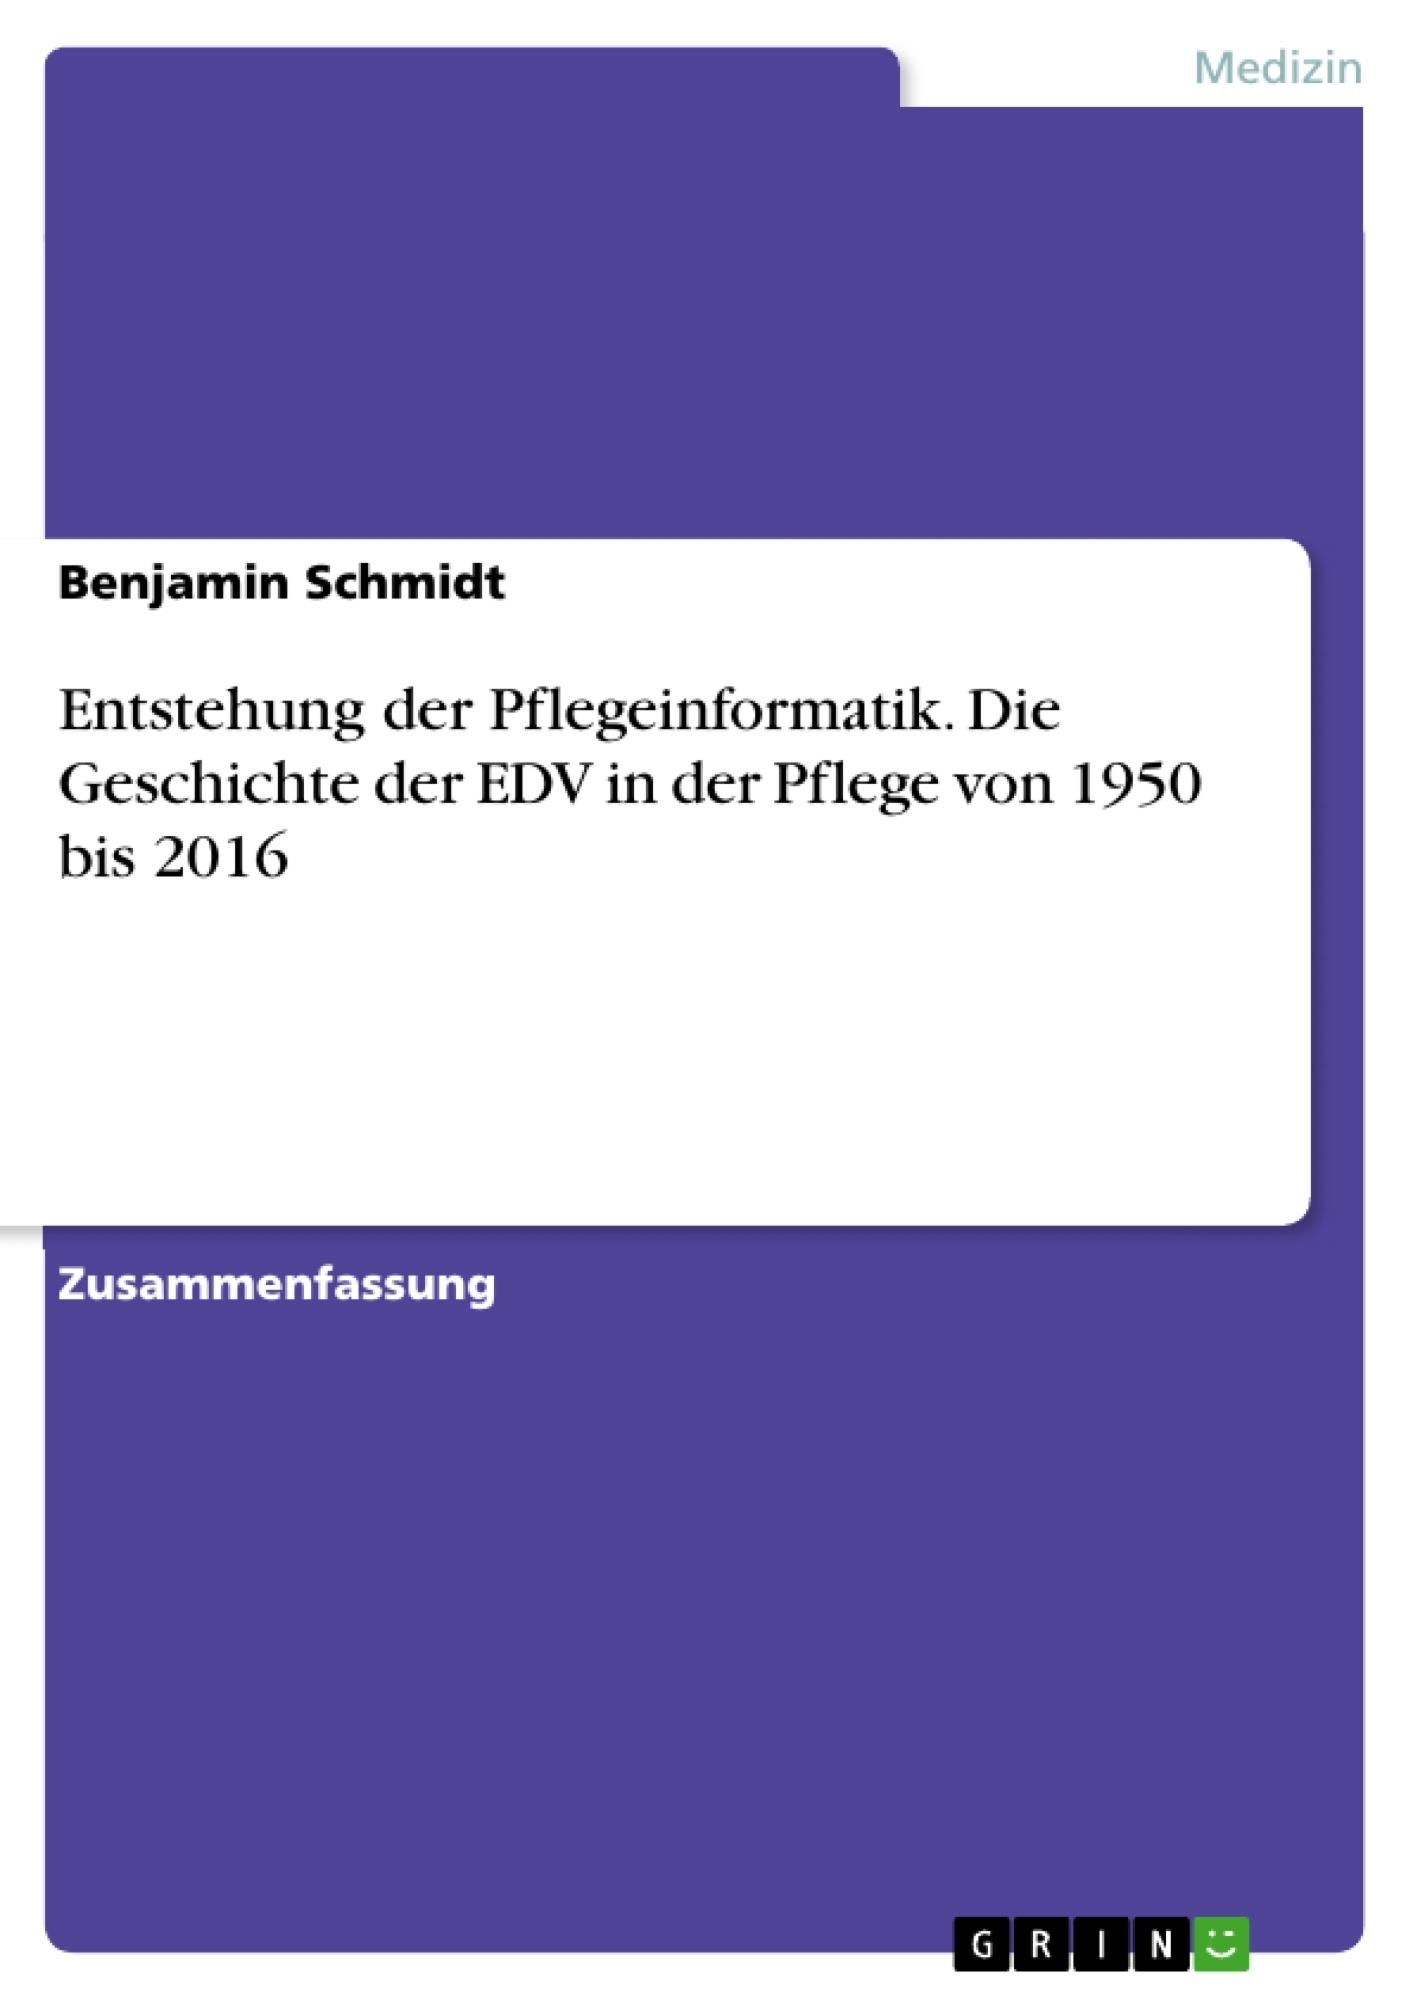 Titel: Entstehung der Pflegeinformatik. Die Geschichte der EDV in der Pflege von 1950 bis 2016